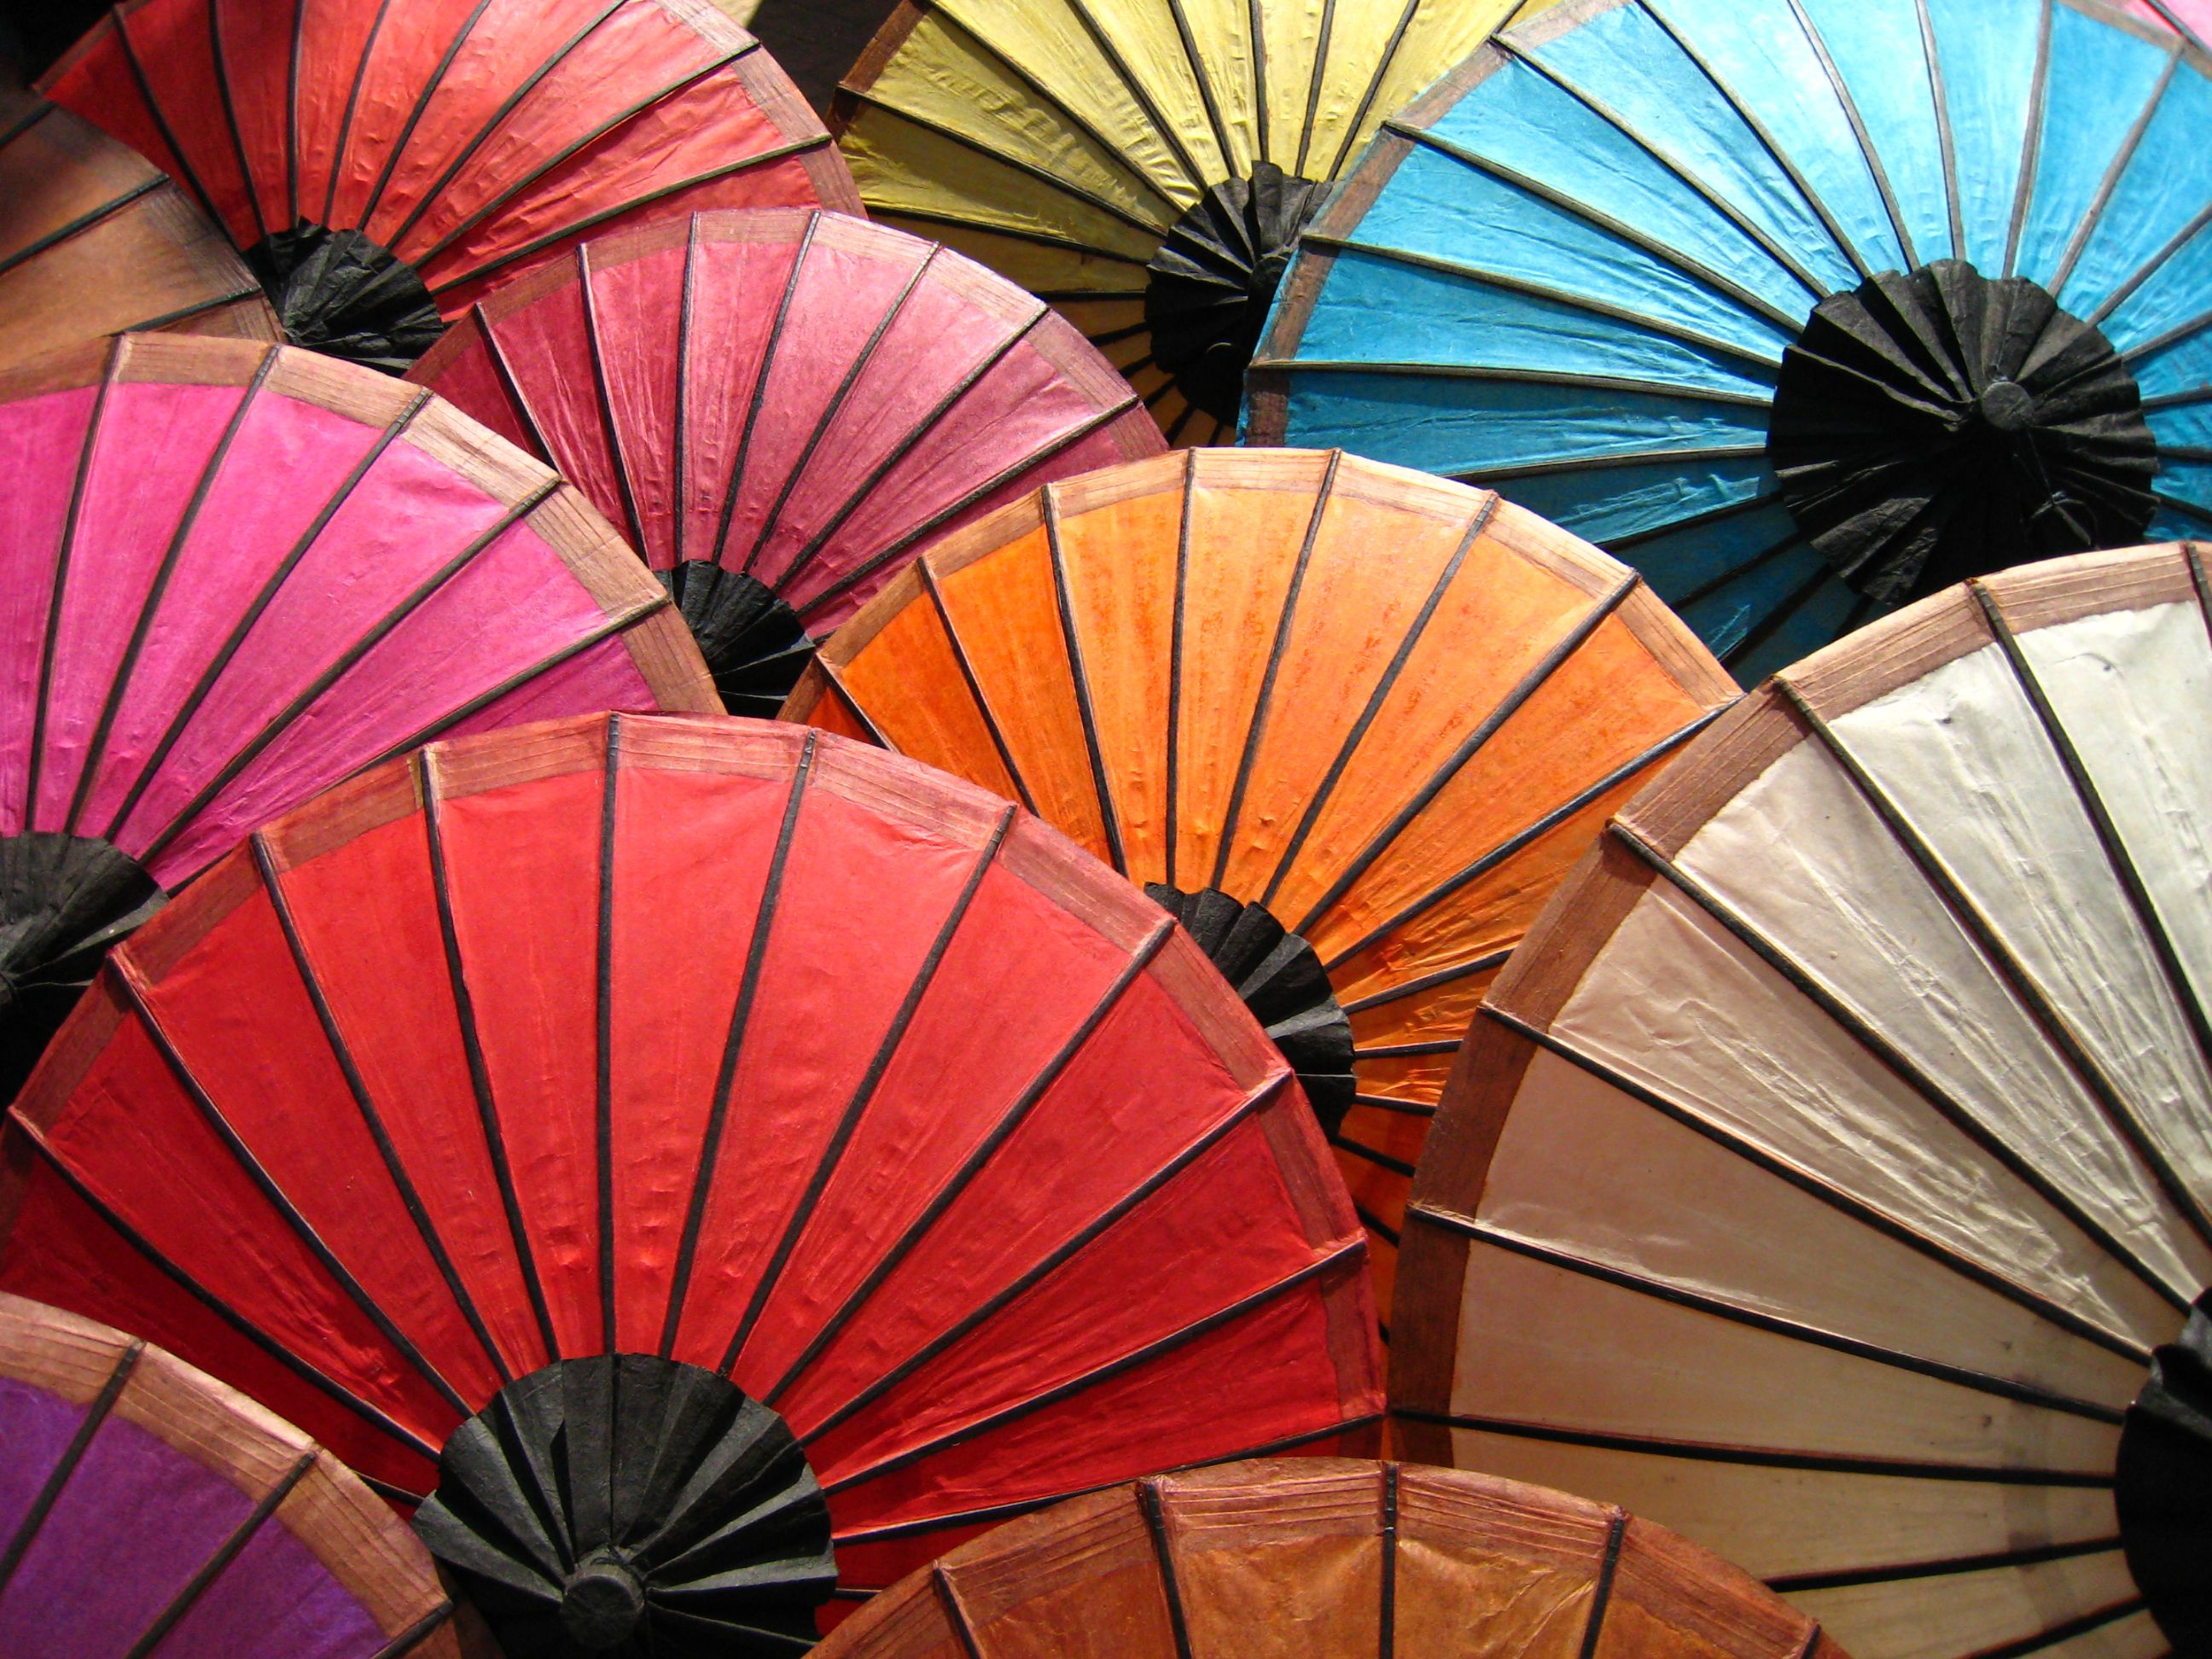 Japanese parasols at outdoor Kyoto market